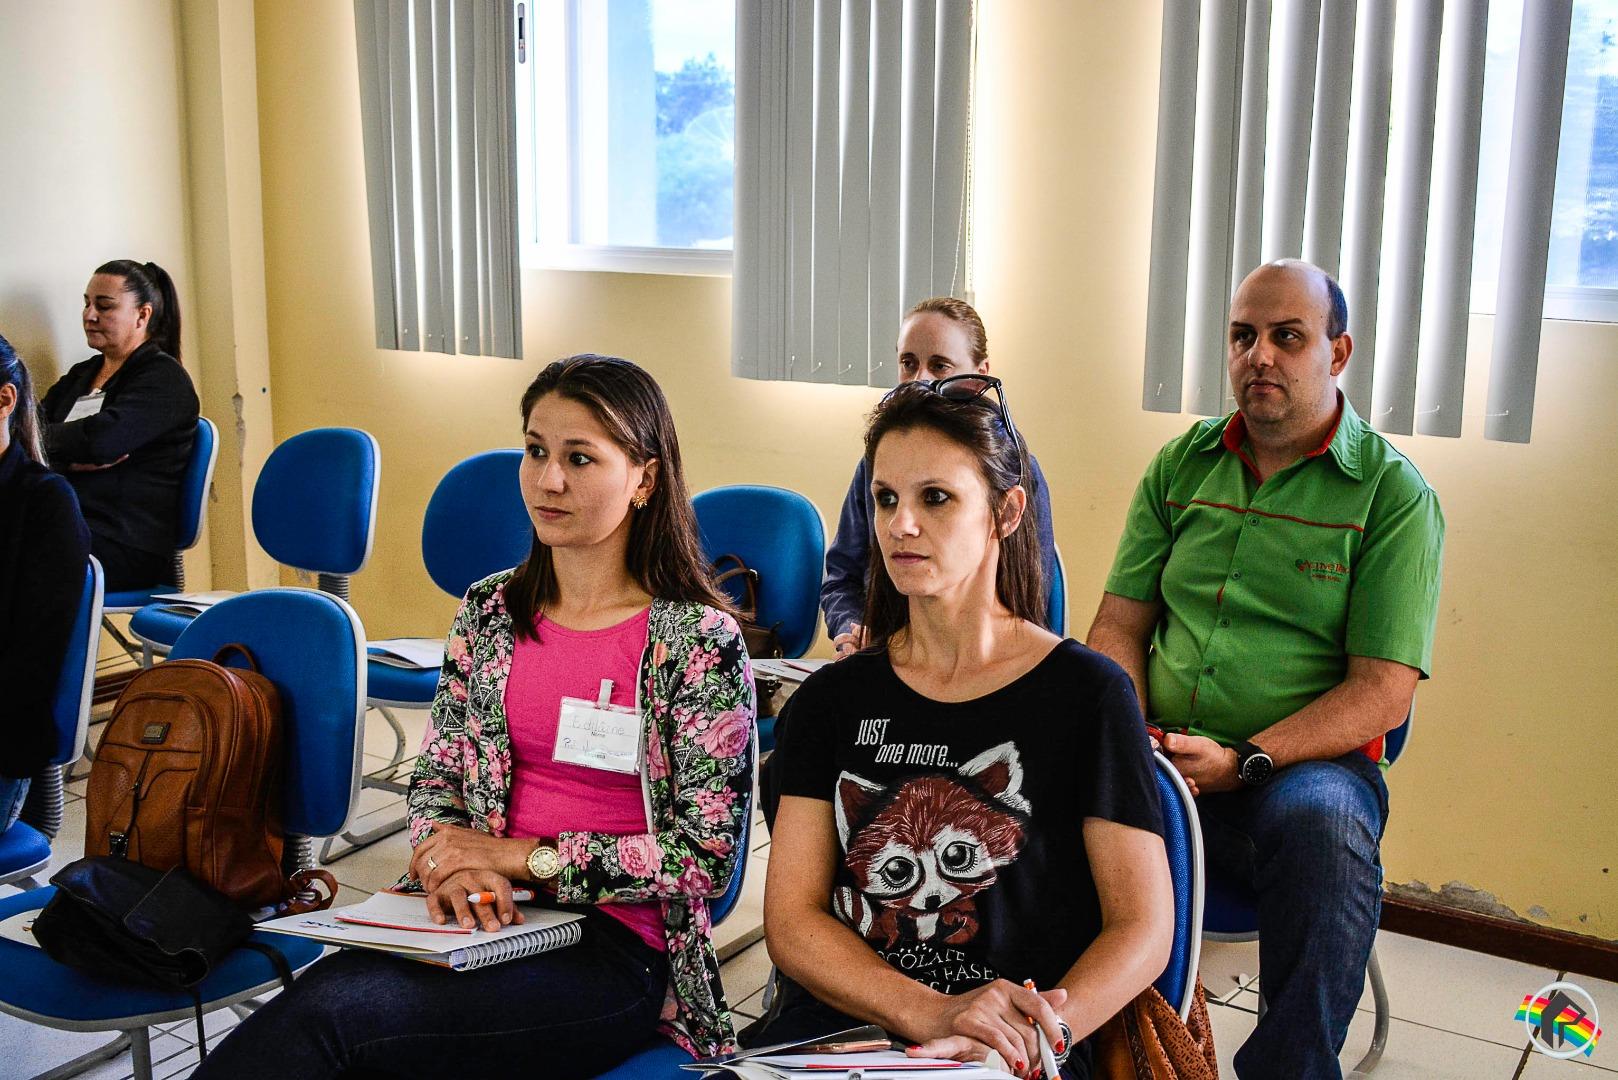 Fecomércio realiza reunião para debater o turismo regional